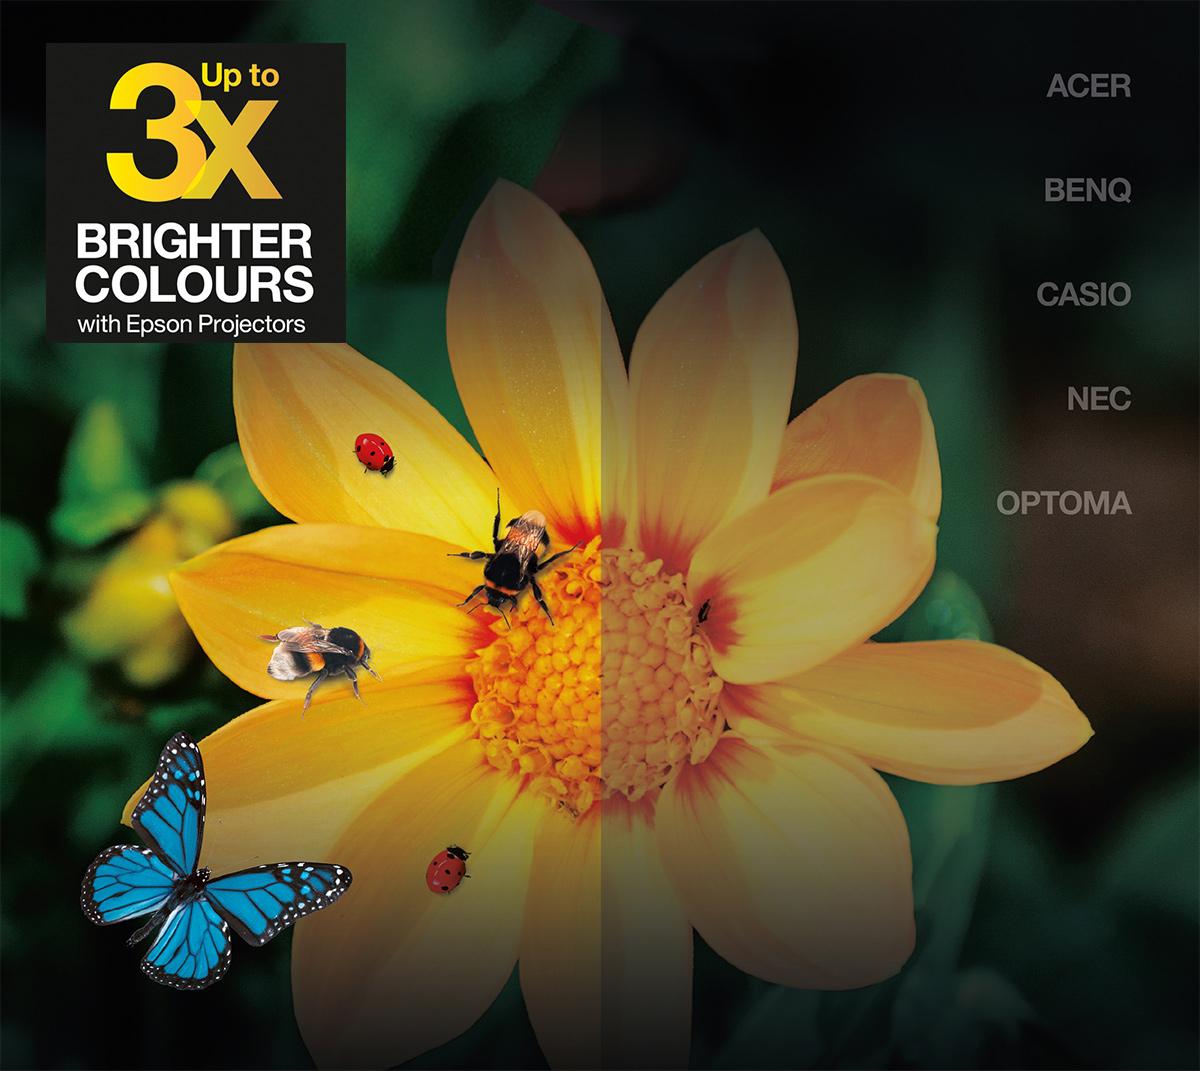 Epson Color Brightness - Comparaison des projecteurs Epson avec d'autres fabricants